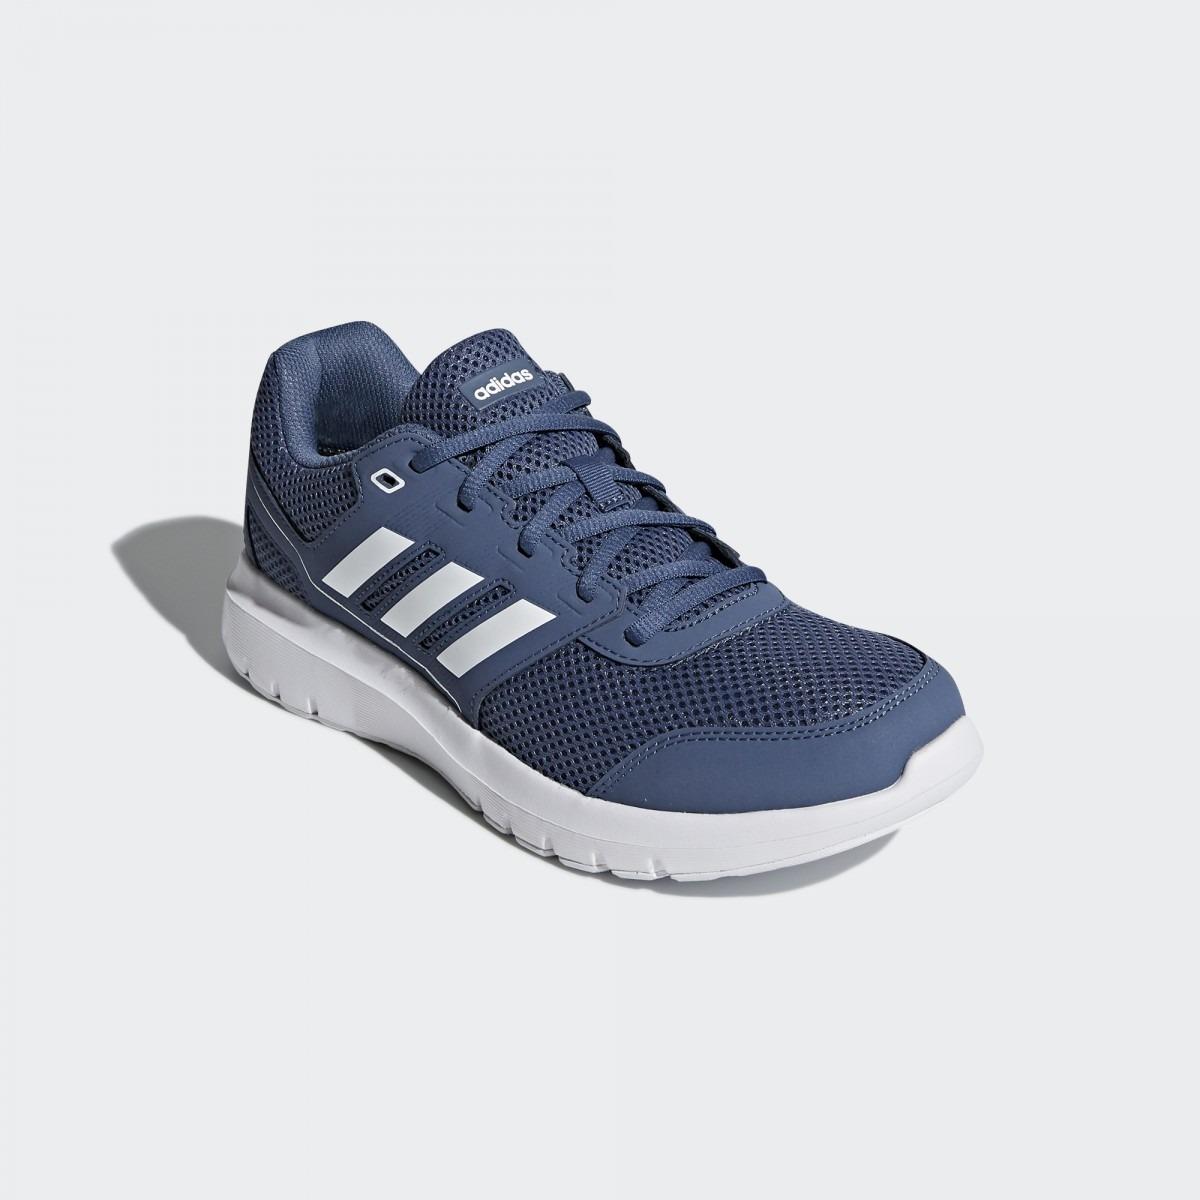 Lite En Para Azul Zapatillas Duramos adidas Mujer Oferta WE2HDe9IbY